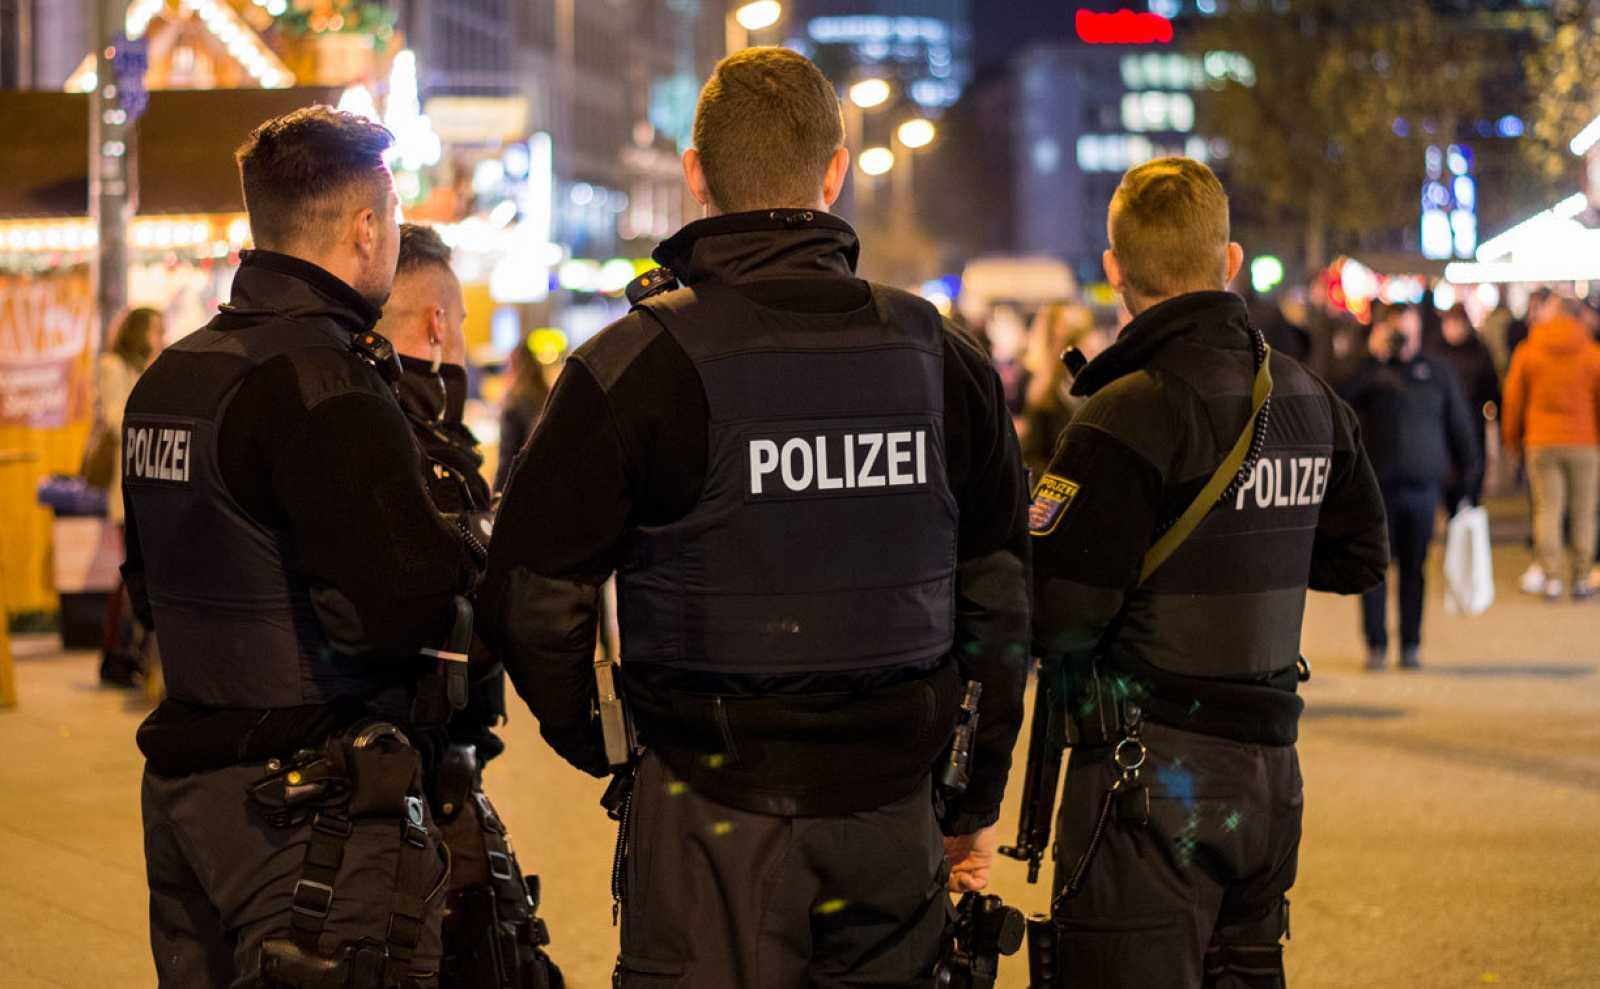 Policías alemanes vigilan un mercado en Frankfurt durante las navidades de 2018.